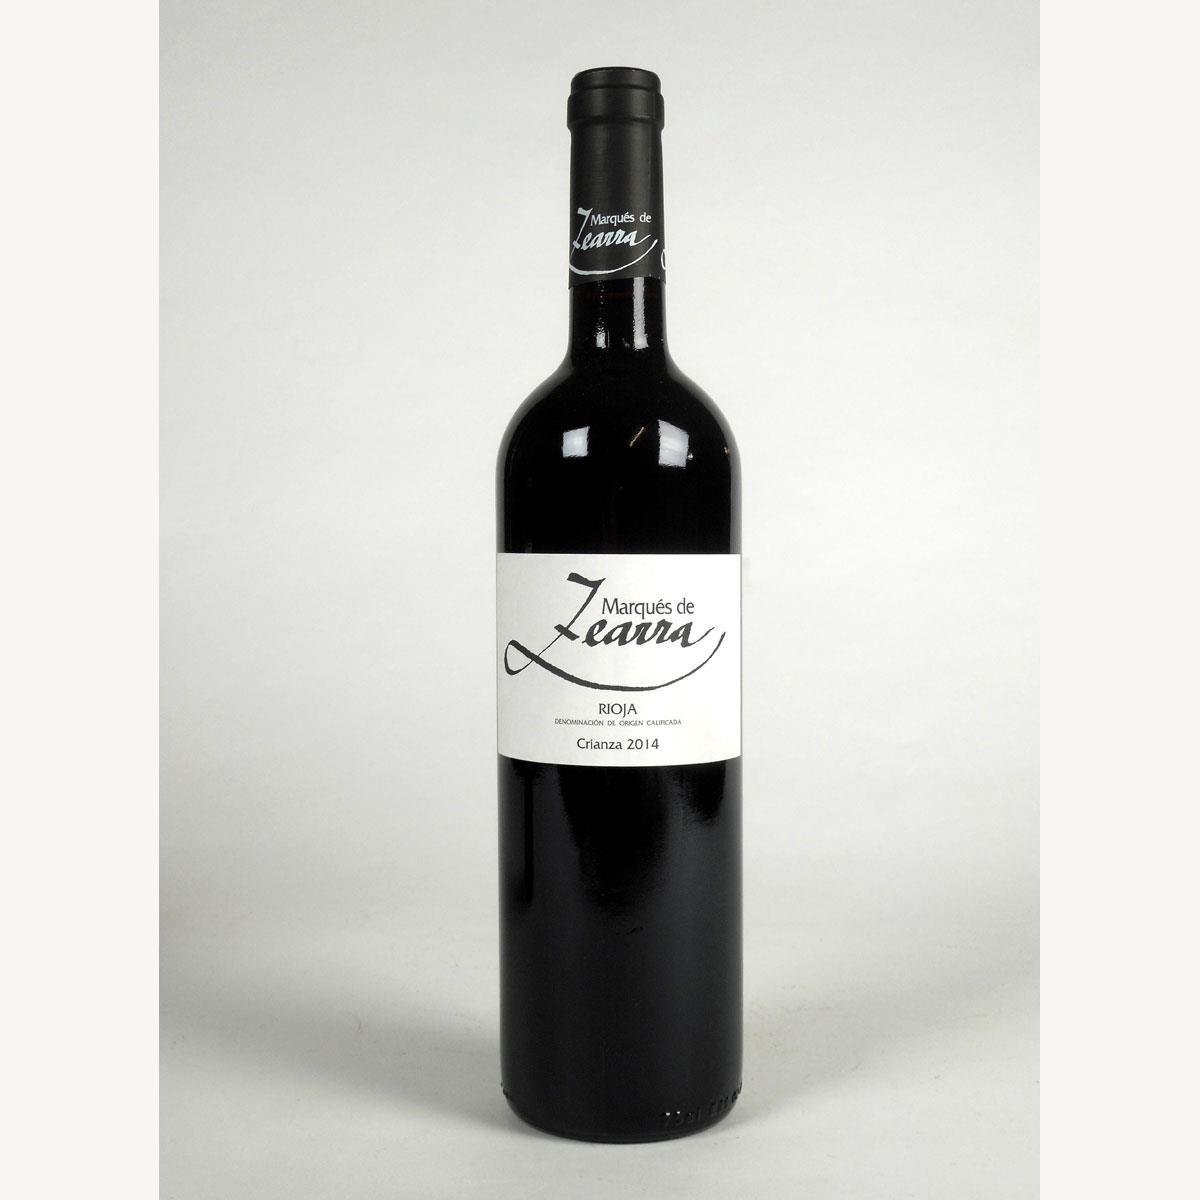 Rioja: Marqués de Zearra Crianza 2014 - Bottle